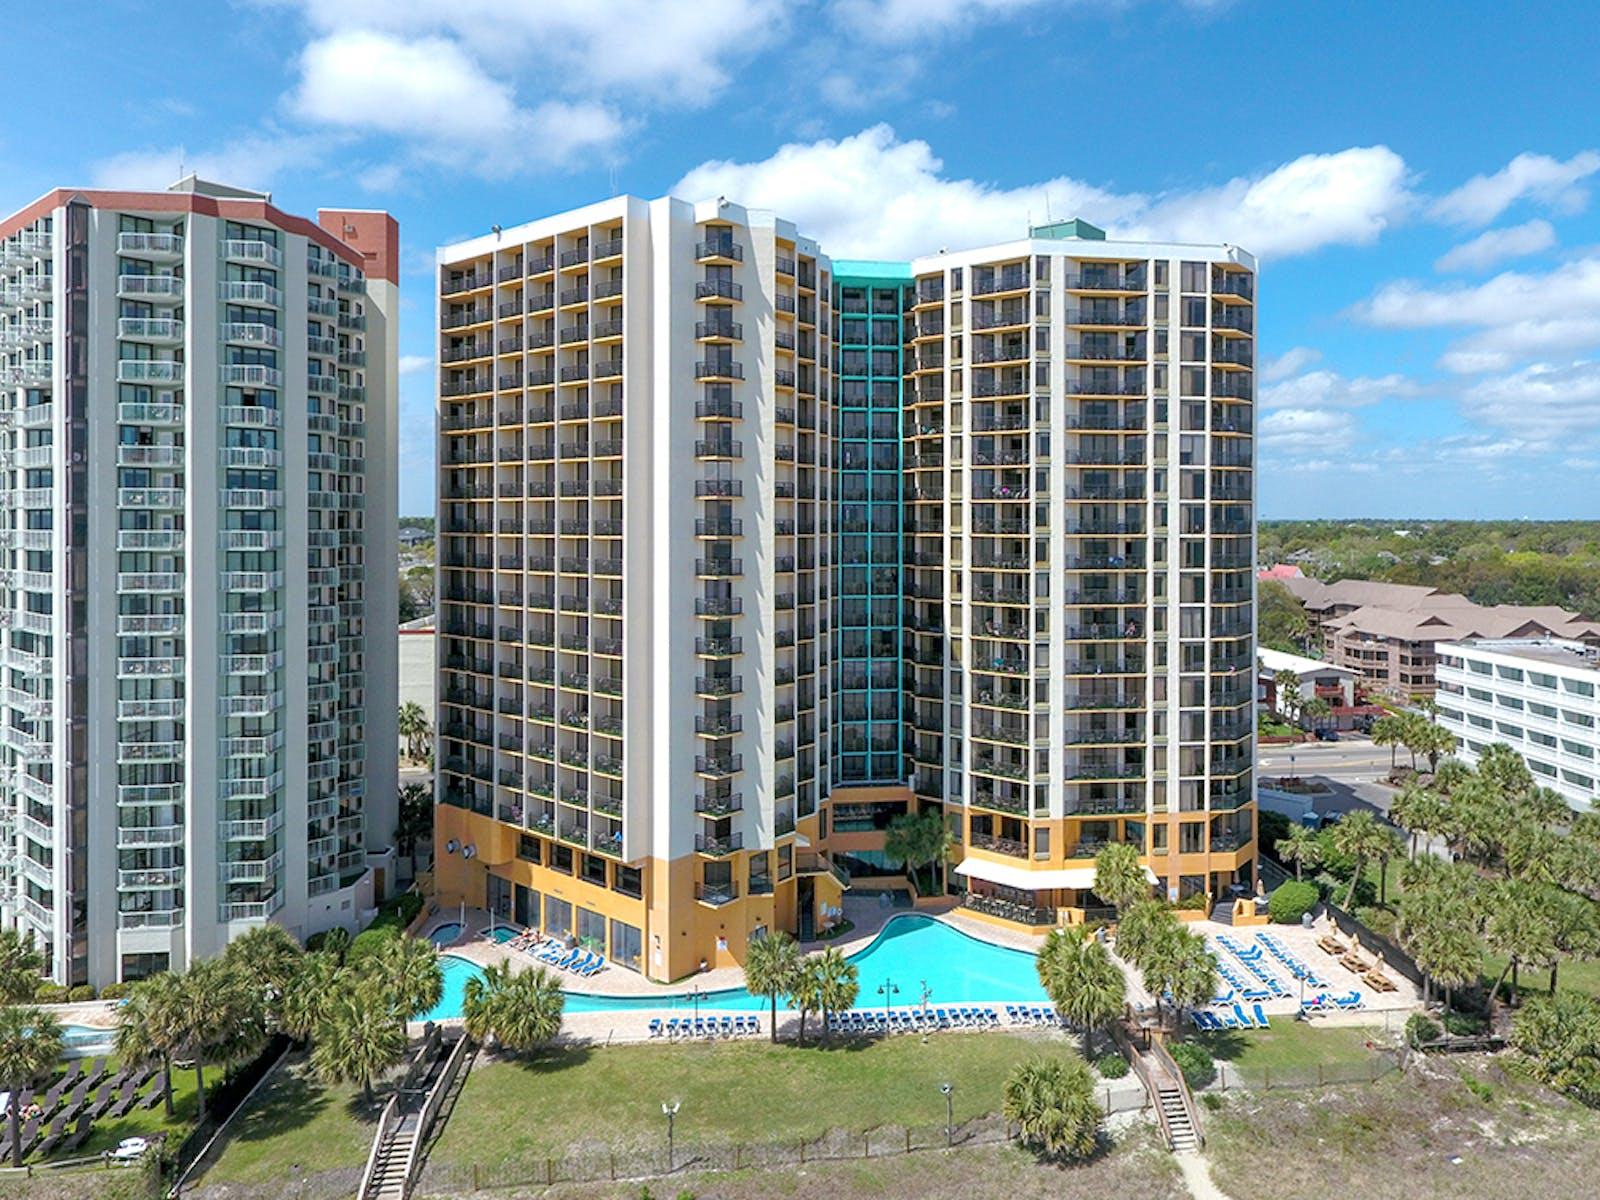 Patrica Grand resort buildings in Myrtle Beach